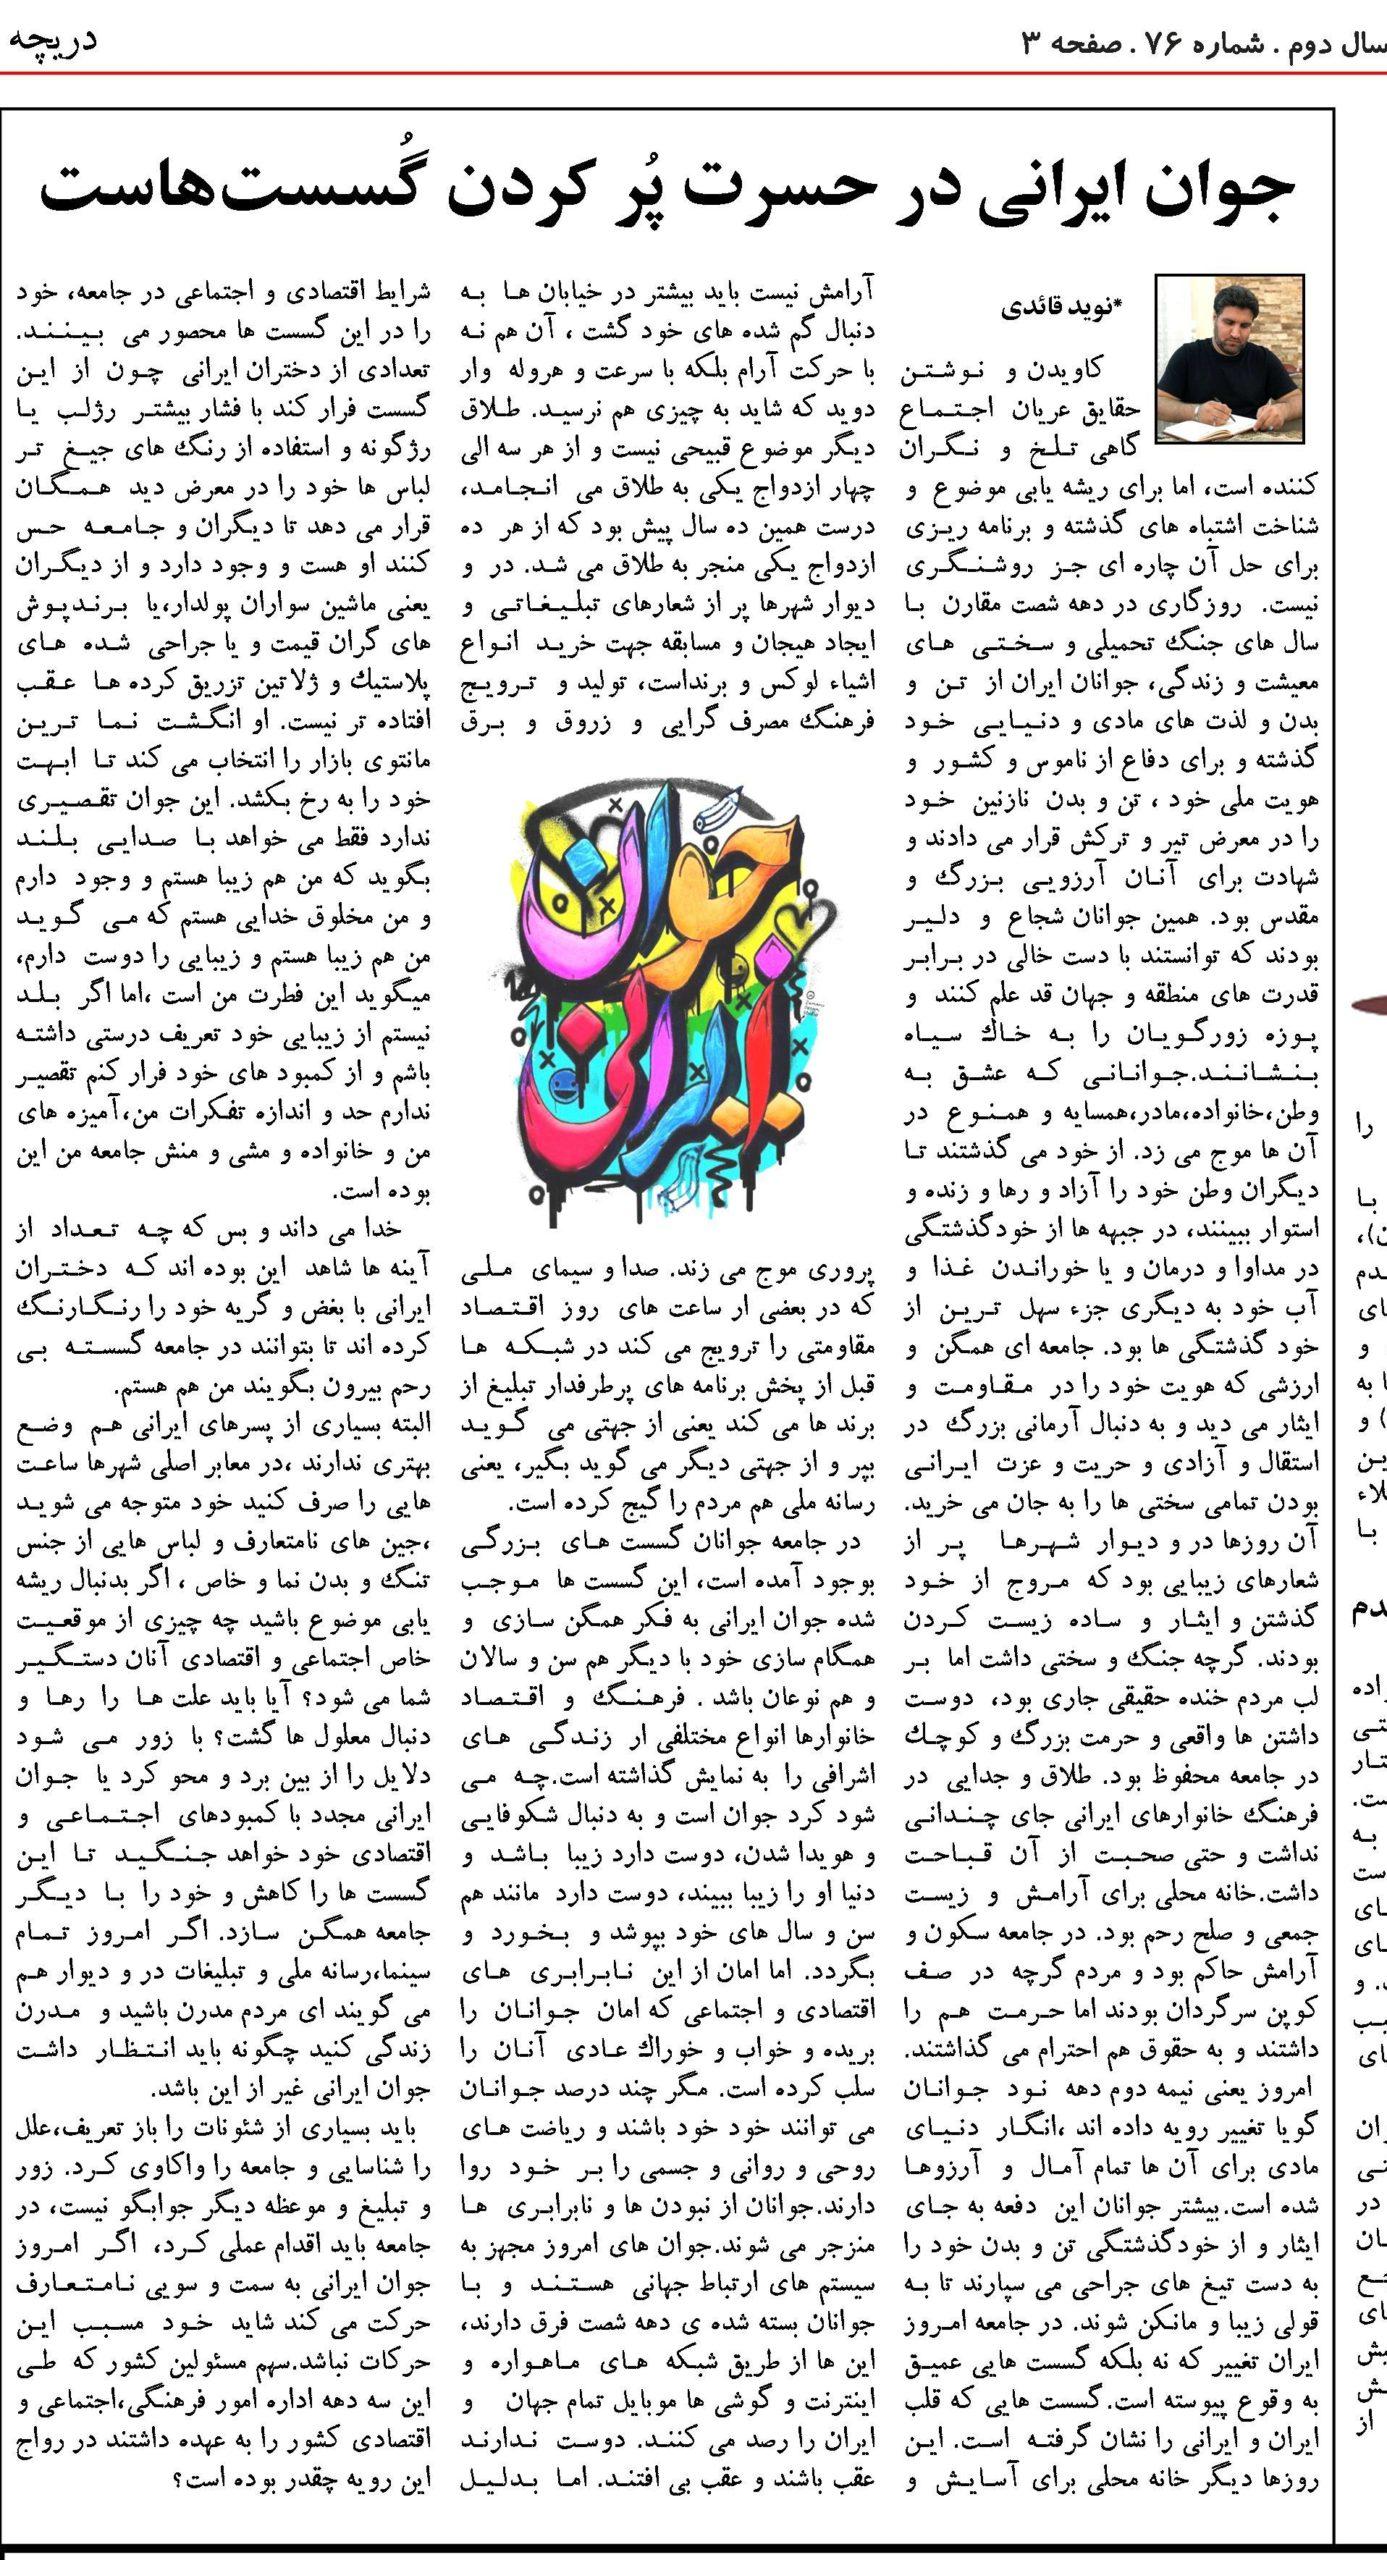 جوان ایرانی در حسرت پُر کردن گُسست هاست